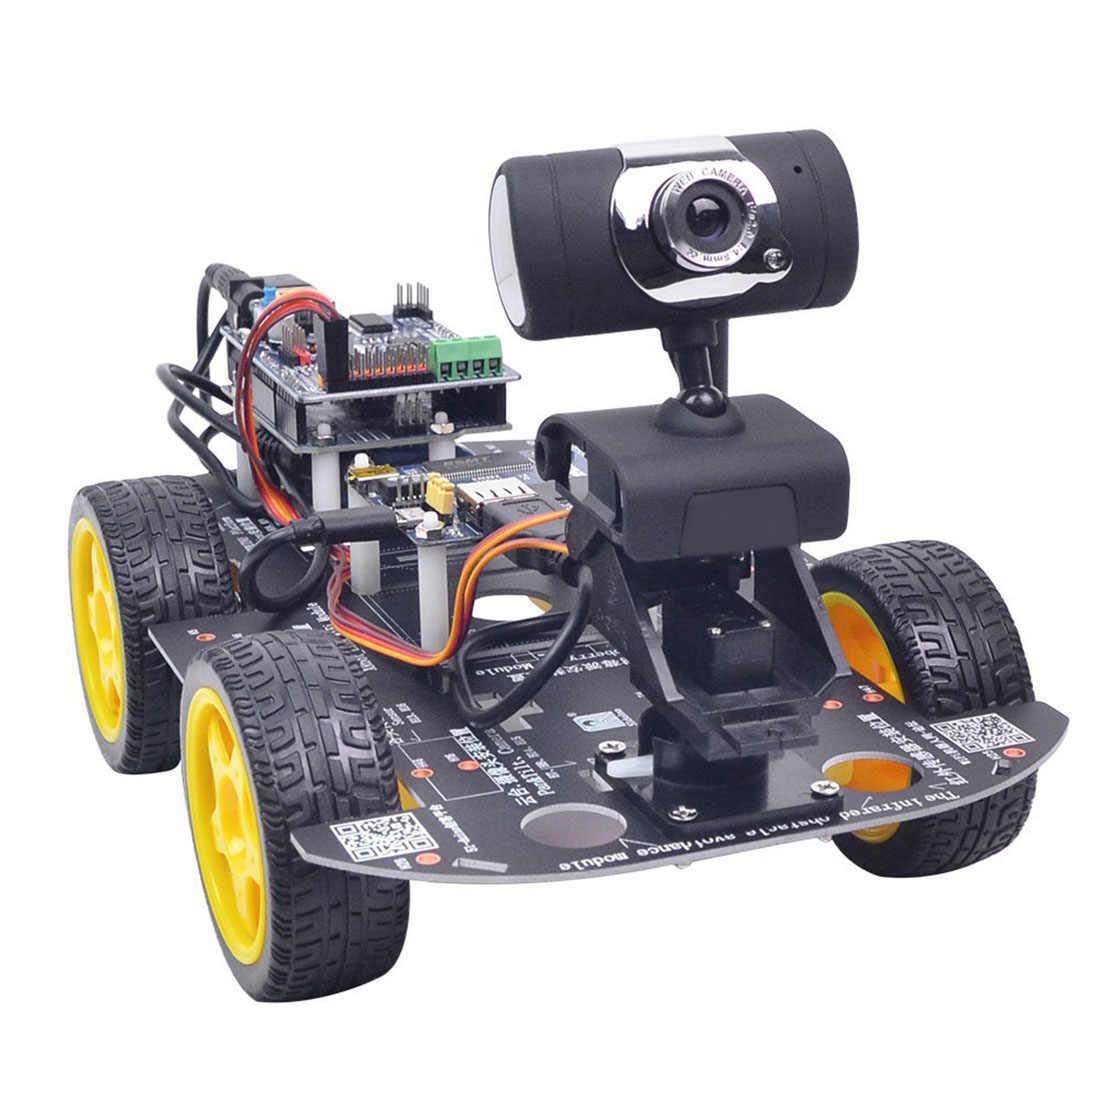 Программируемый робот DIY Wifi паровой обучающий автомобиль с графическим программированием XR блок Linux для Arduino UNO R3 (стандартная версия)